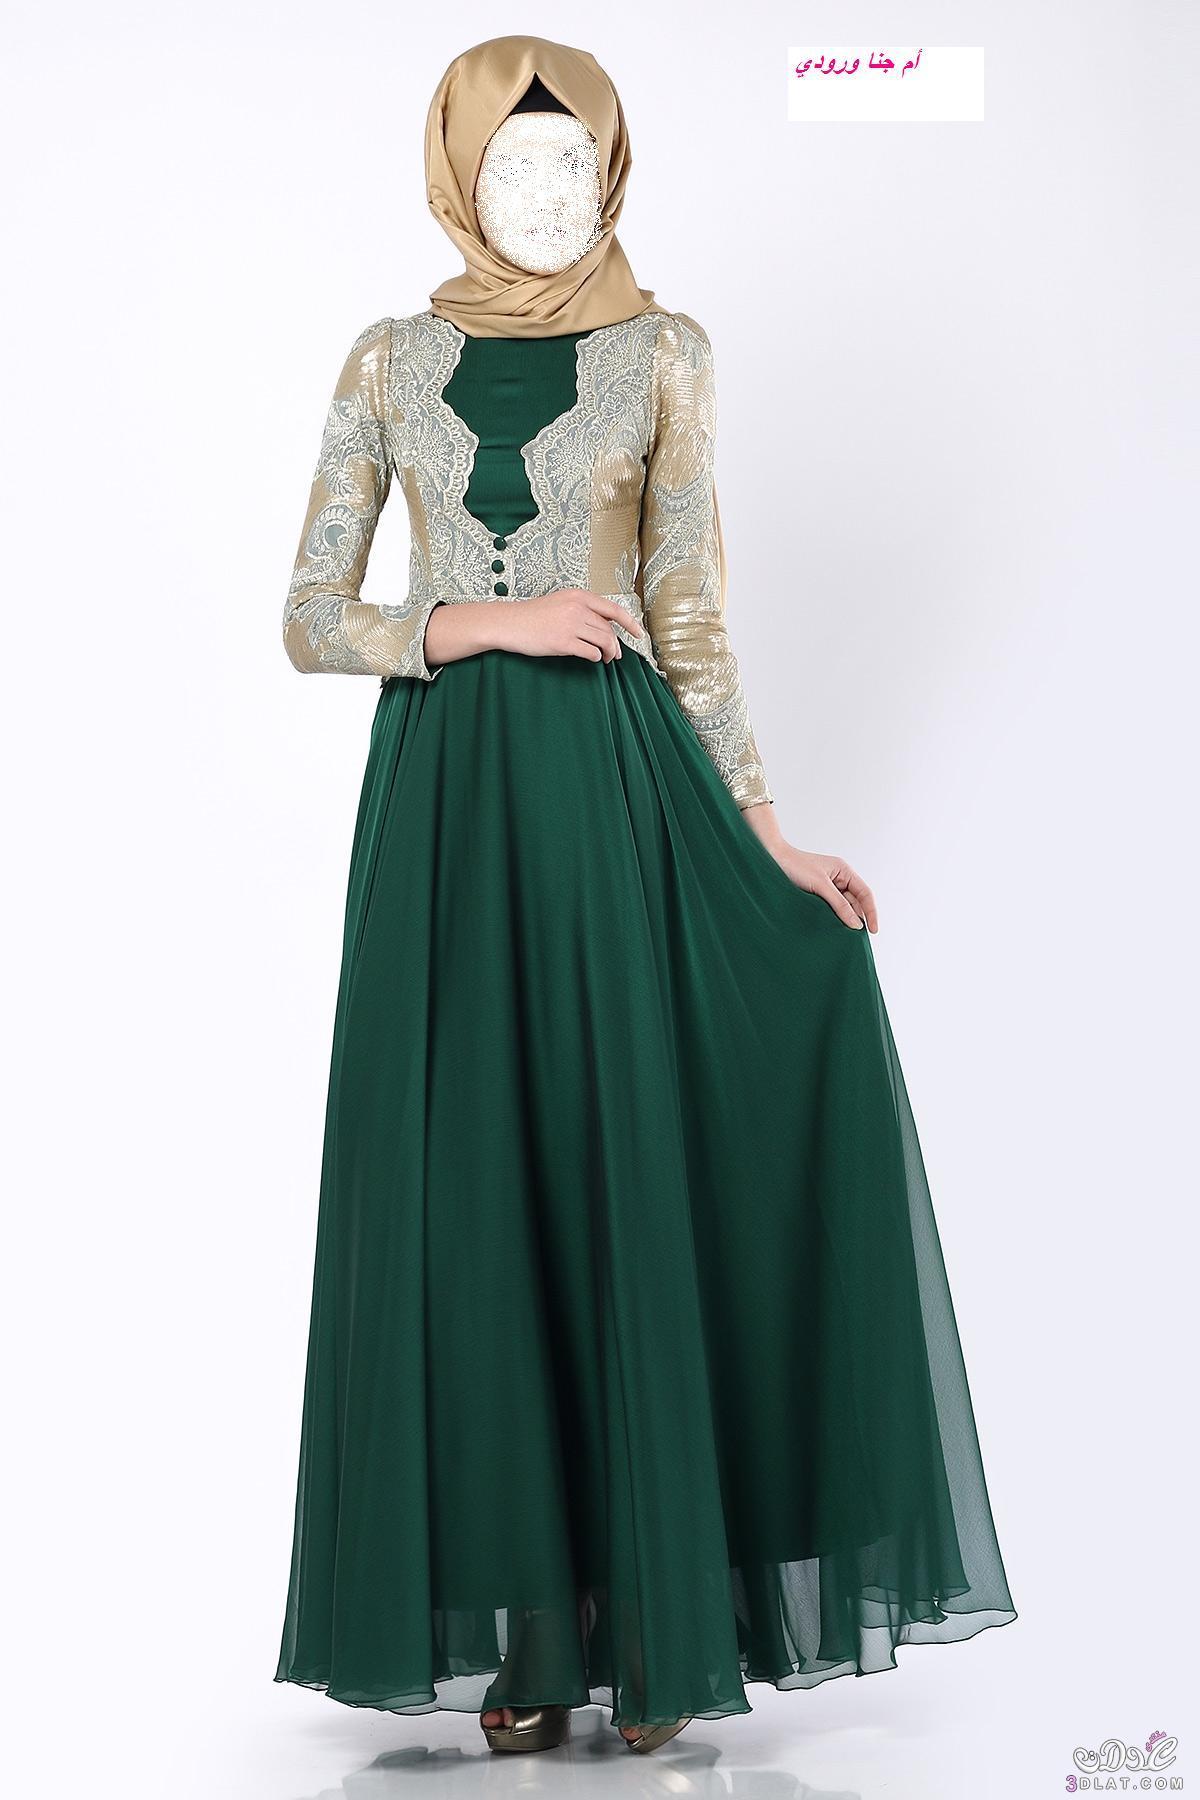 بالصور اجمل الفساتين للمحجبات , افضل فساتين العام للمحجبات 443 4